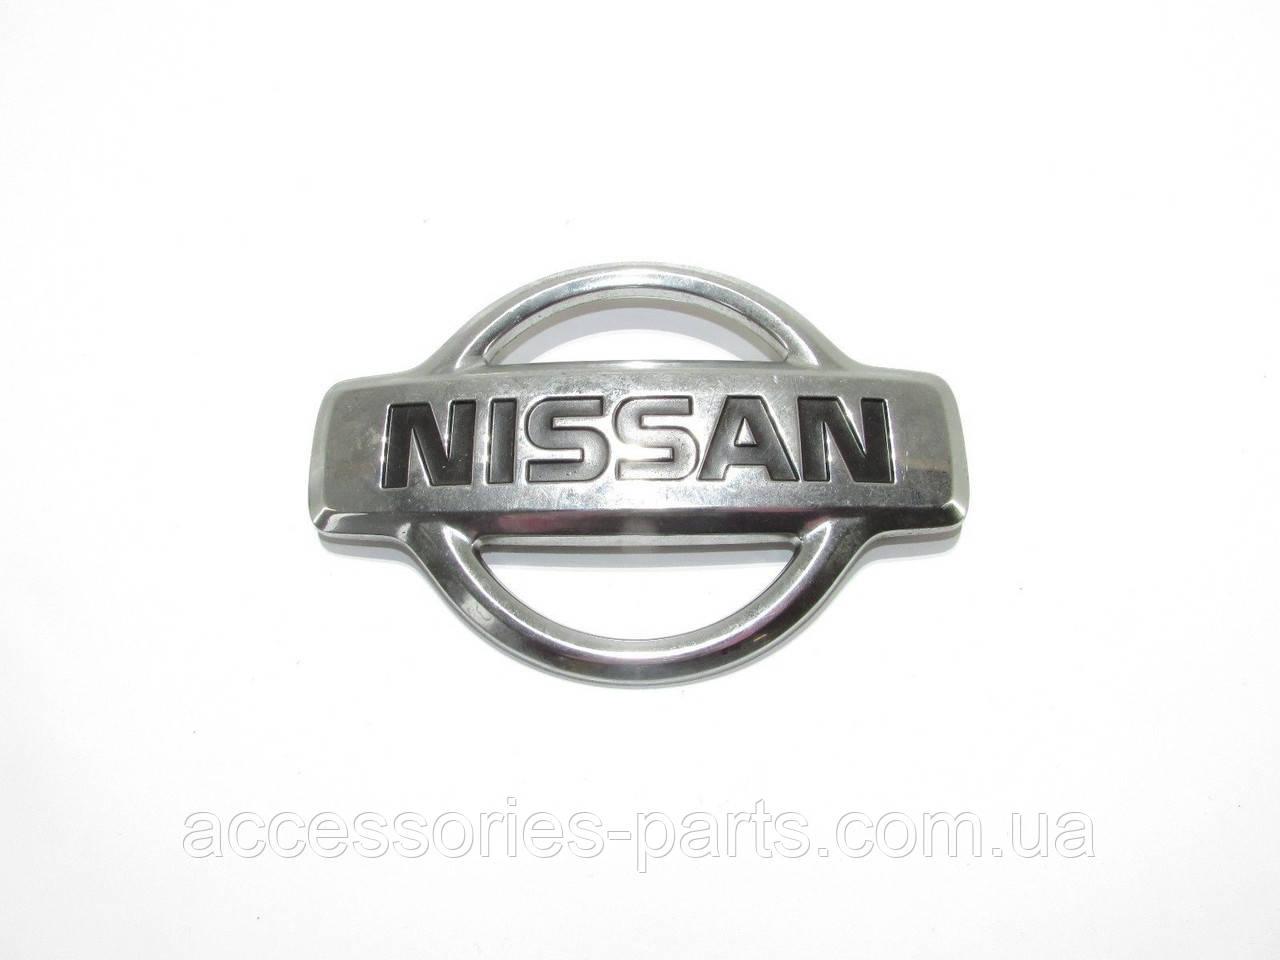 NISSAN Almera  N16 00-2007  Эмблема в решетку радиатора  Новая Оригинальная